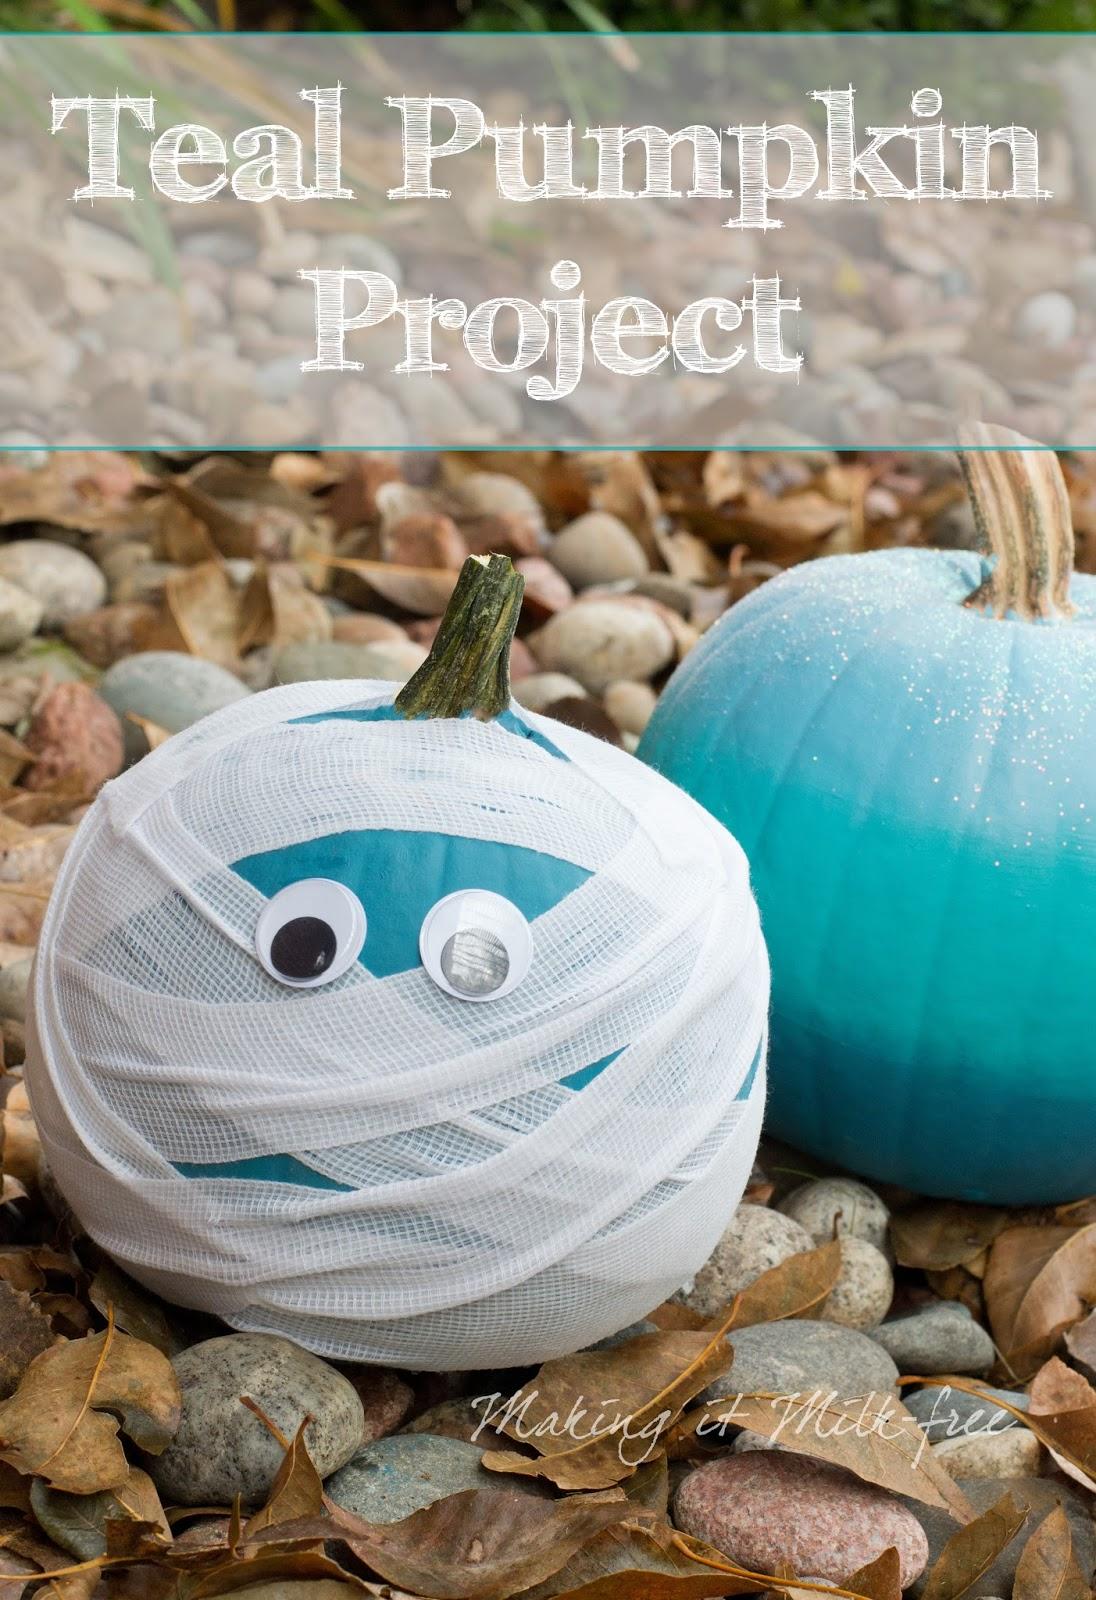 Teal Ombre Pumpkin with Glitter & Teal Mummy Pumpkin by Making it Milk-free | Teal Pumpkin Project | makingitmilkfree.com